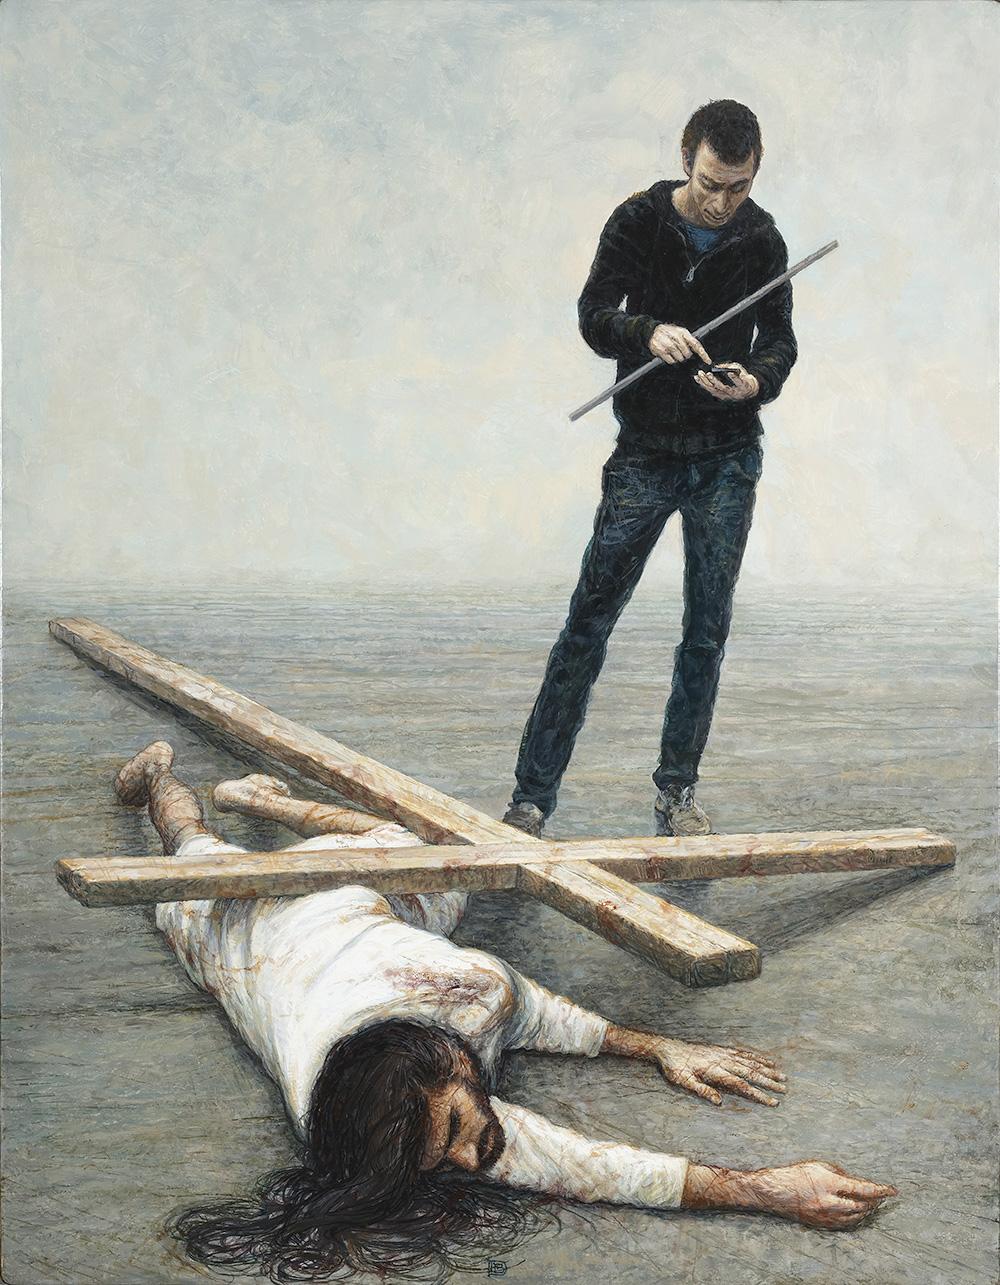 Peinture - JÉSUS TOMBE POUR LA TROISIÈME FOIS